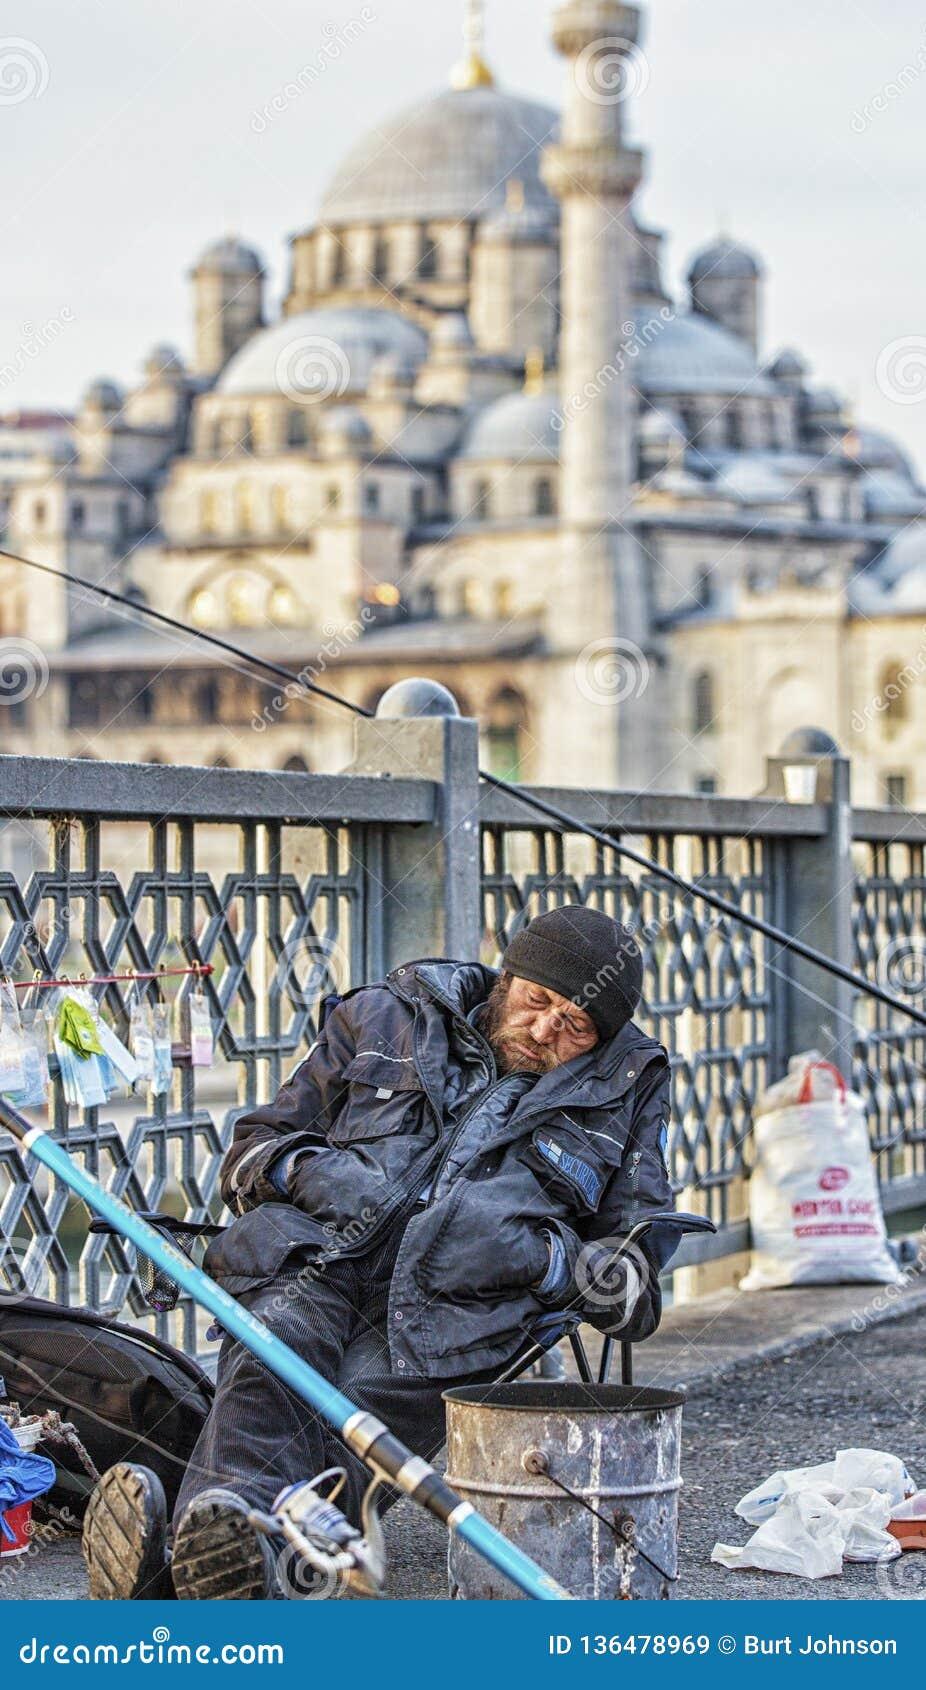 Istanbul Turkiet/April 1, 2016 - mannen sover, medan fiska av bron